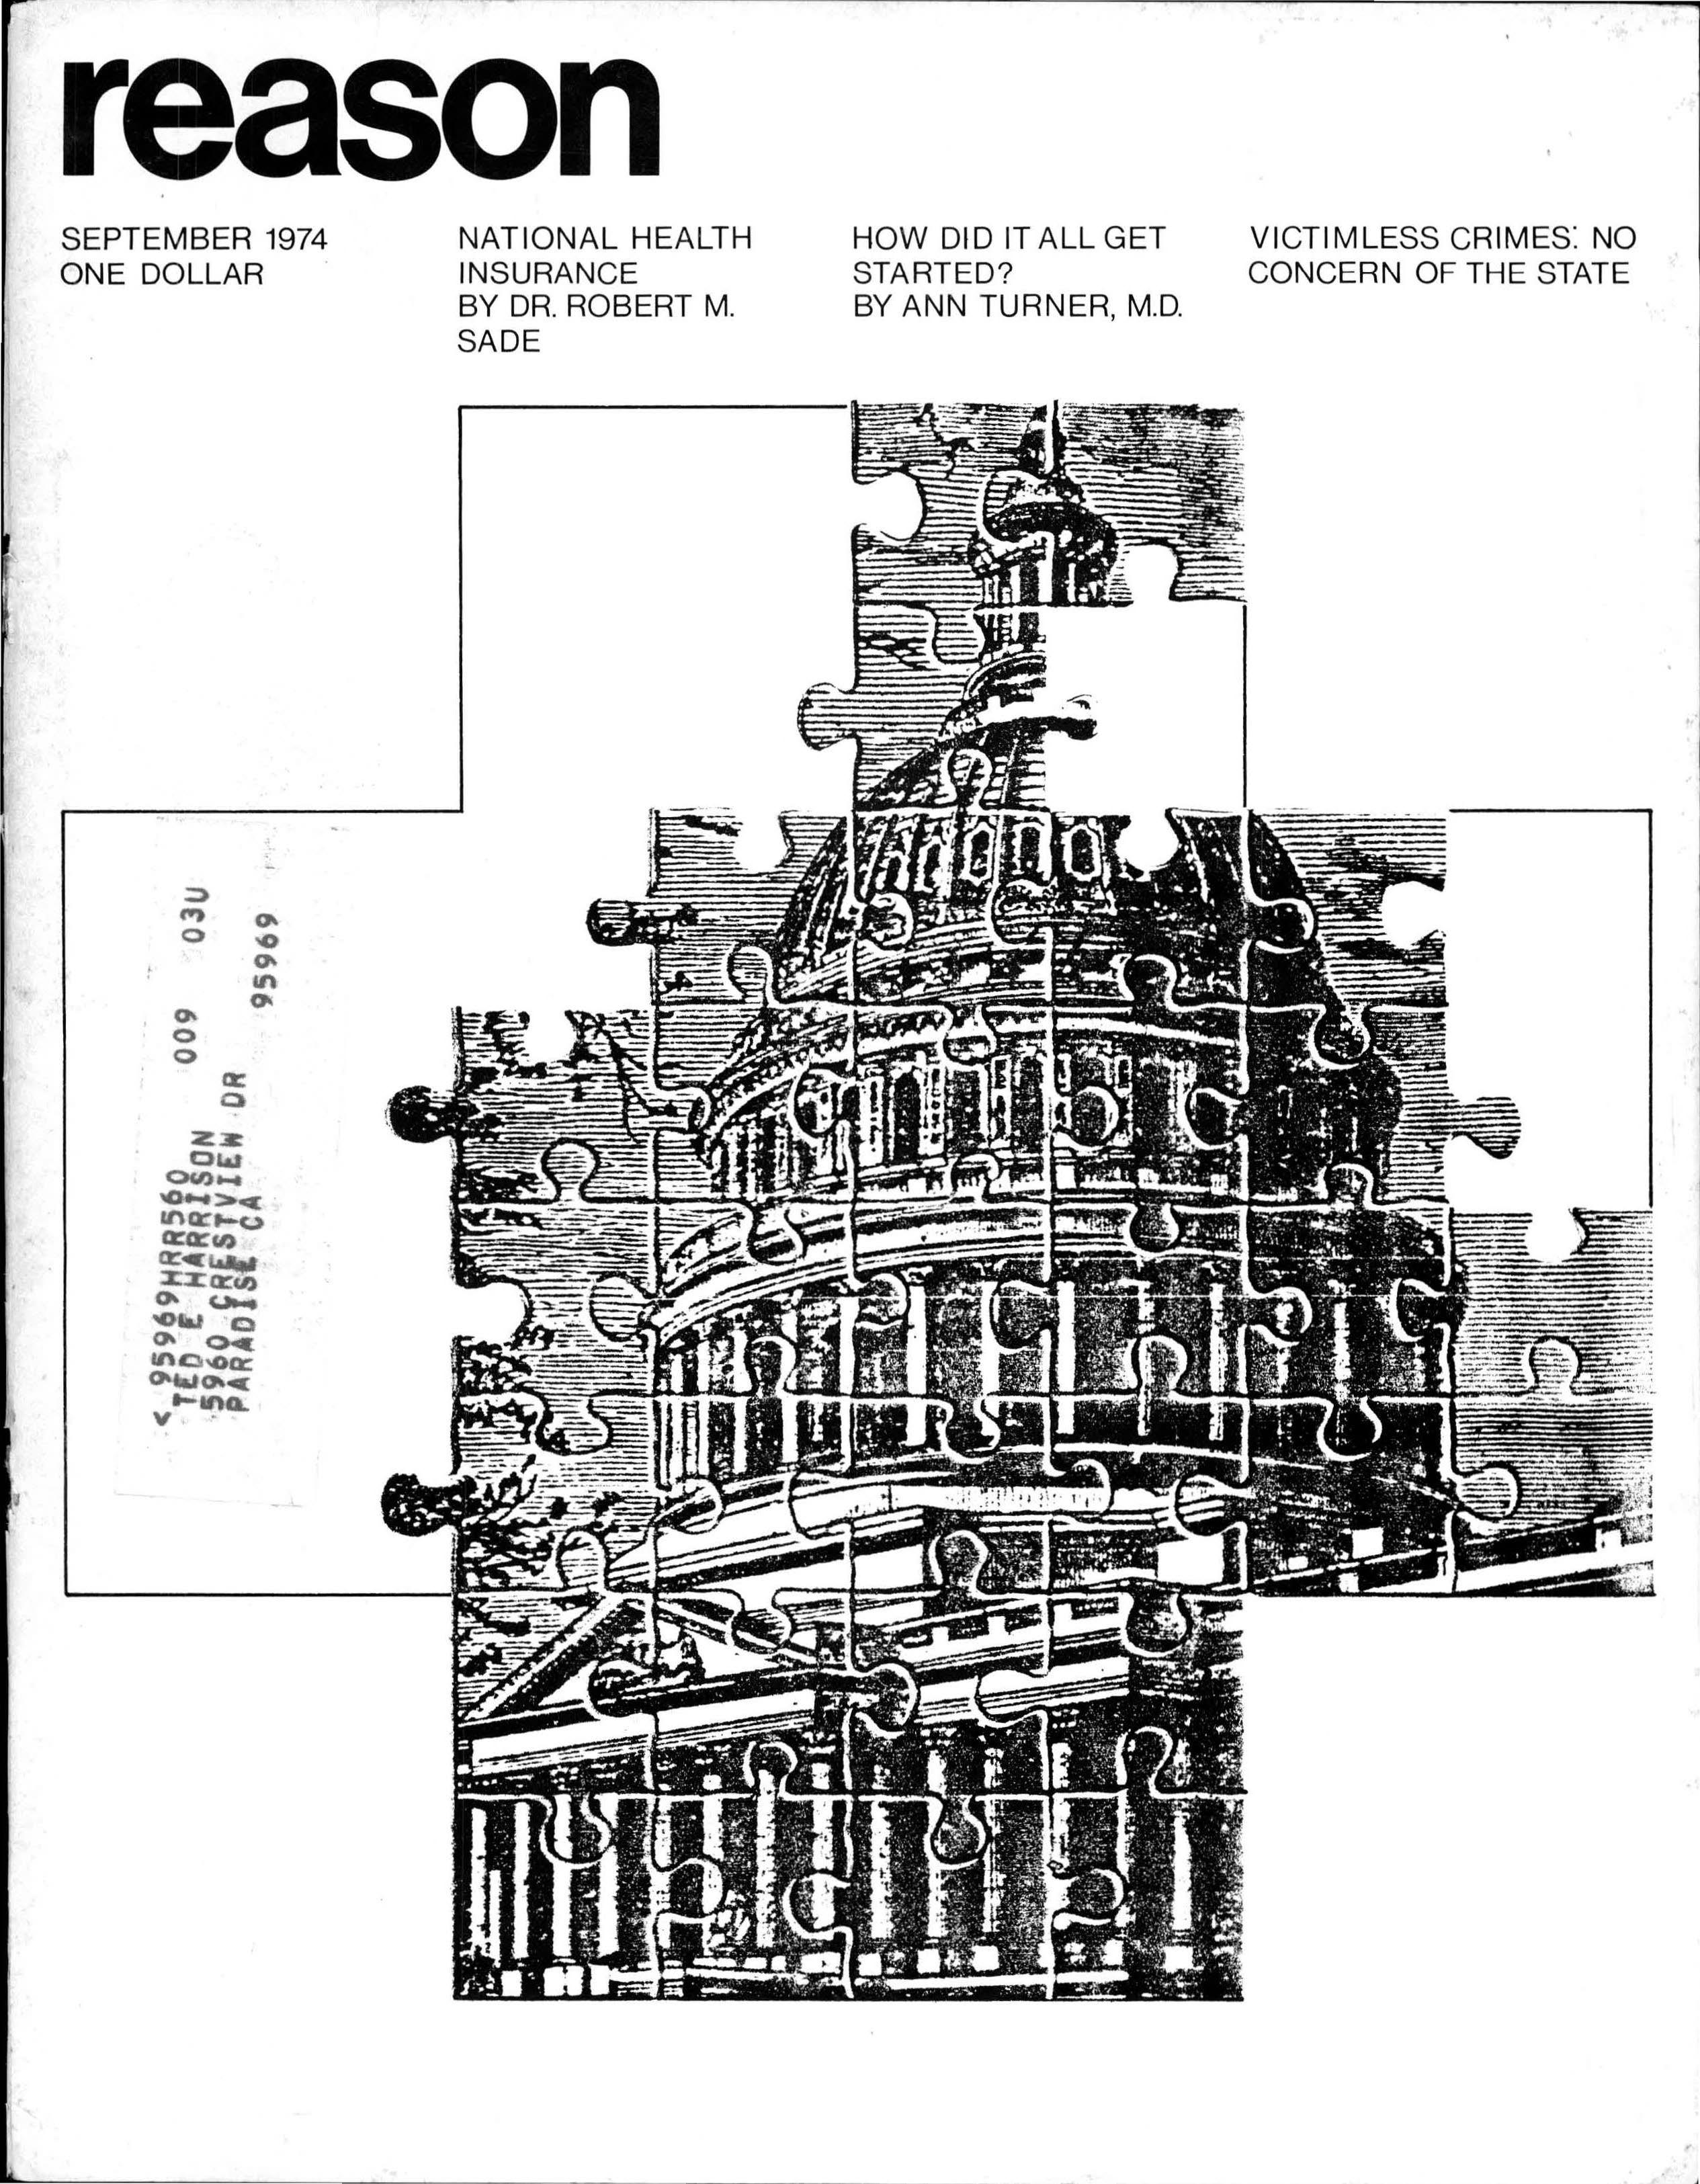 Reason Magazine, September 1974 cover image